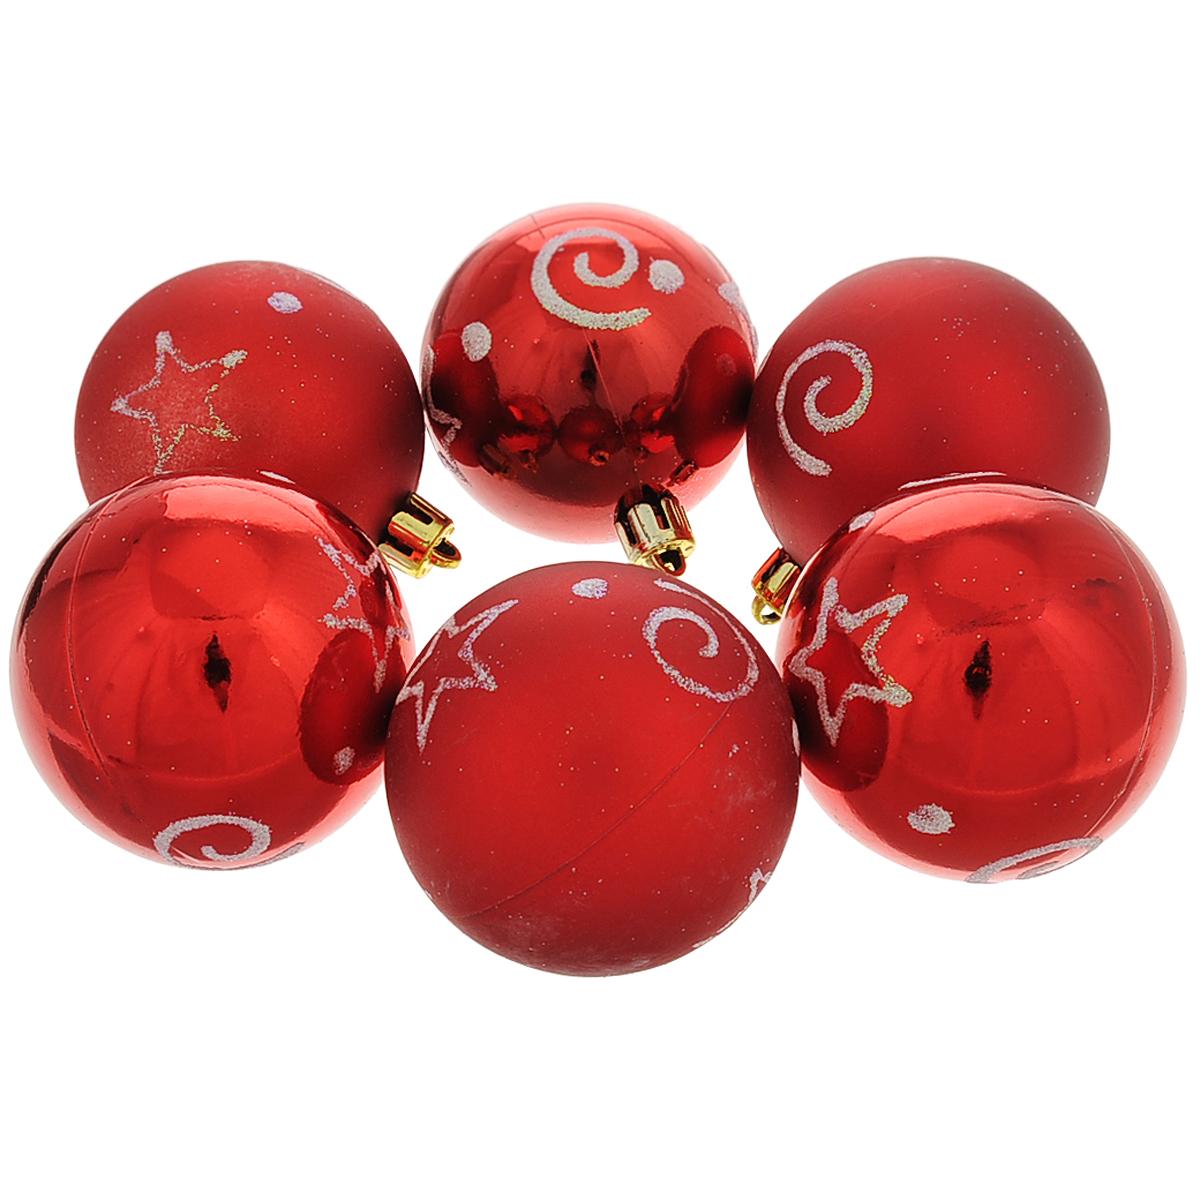 Набор новогодних подвесных украшений Шар, цвет: красный, серебристый, диаметр 6 см, 6 шт. 3550335503Набор новогодних подвесных украшений Шар прекрасно подойдет для праздничного декора новогодней ели. Состоит из шести шаров.Елочная игрушка - символ Нового года. Она несет в себе волшебство и красоту праздника. Создайте в своем доме атмосферу веселья и радости, украшая новогоднюю елку нарядными игрушками, которые будут из года в год накапливать теплоту воспоминаний. Коллекция декоративных украшений принесет в ваш дом ни с чем несравнимое ощущение волшебства! Откройте для себя удивительный мир сказок и грез. Почувствуйте волшебные минуты ожидания праздника, создайте новогоднее настроение вашим дорогим и близким.